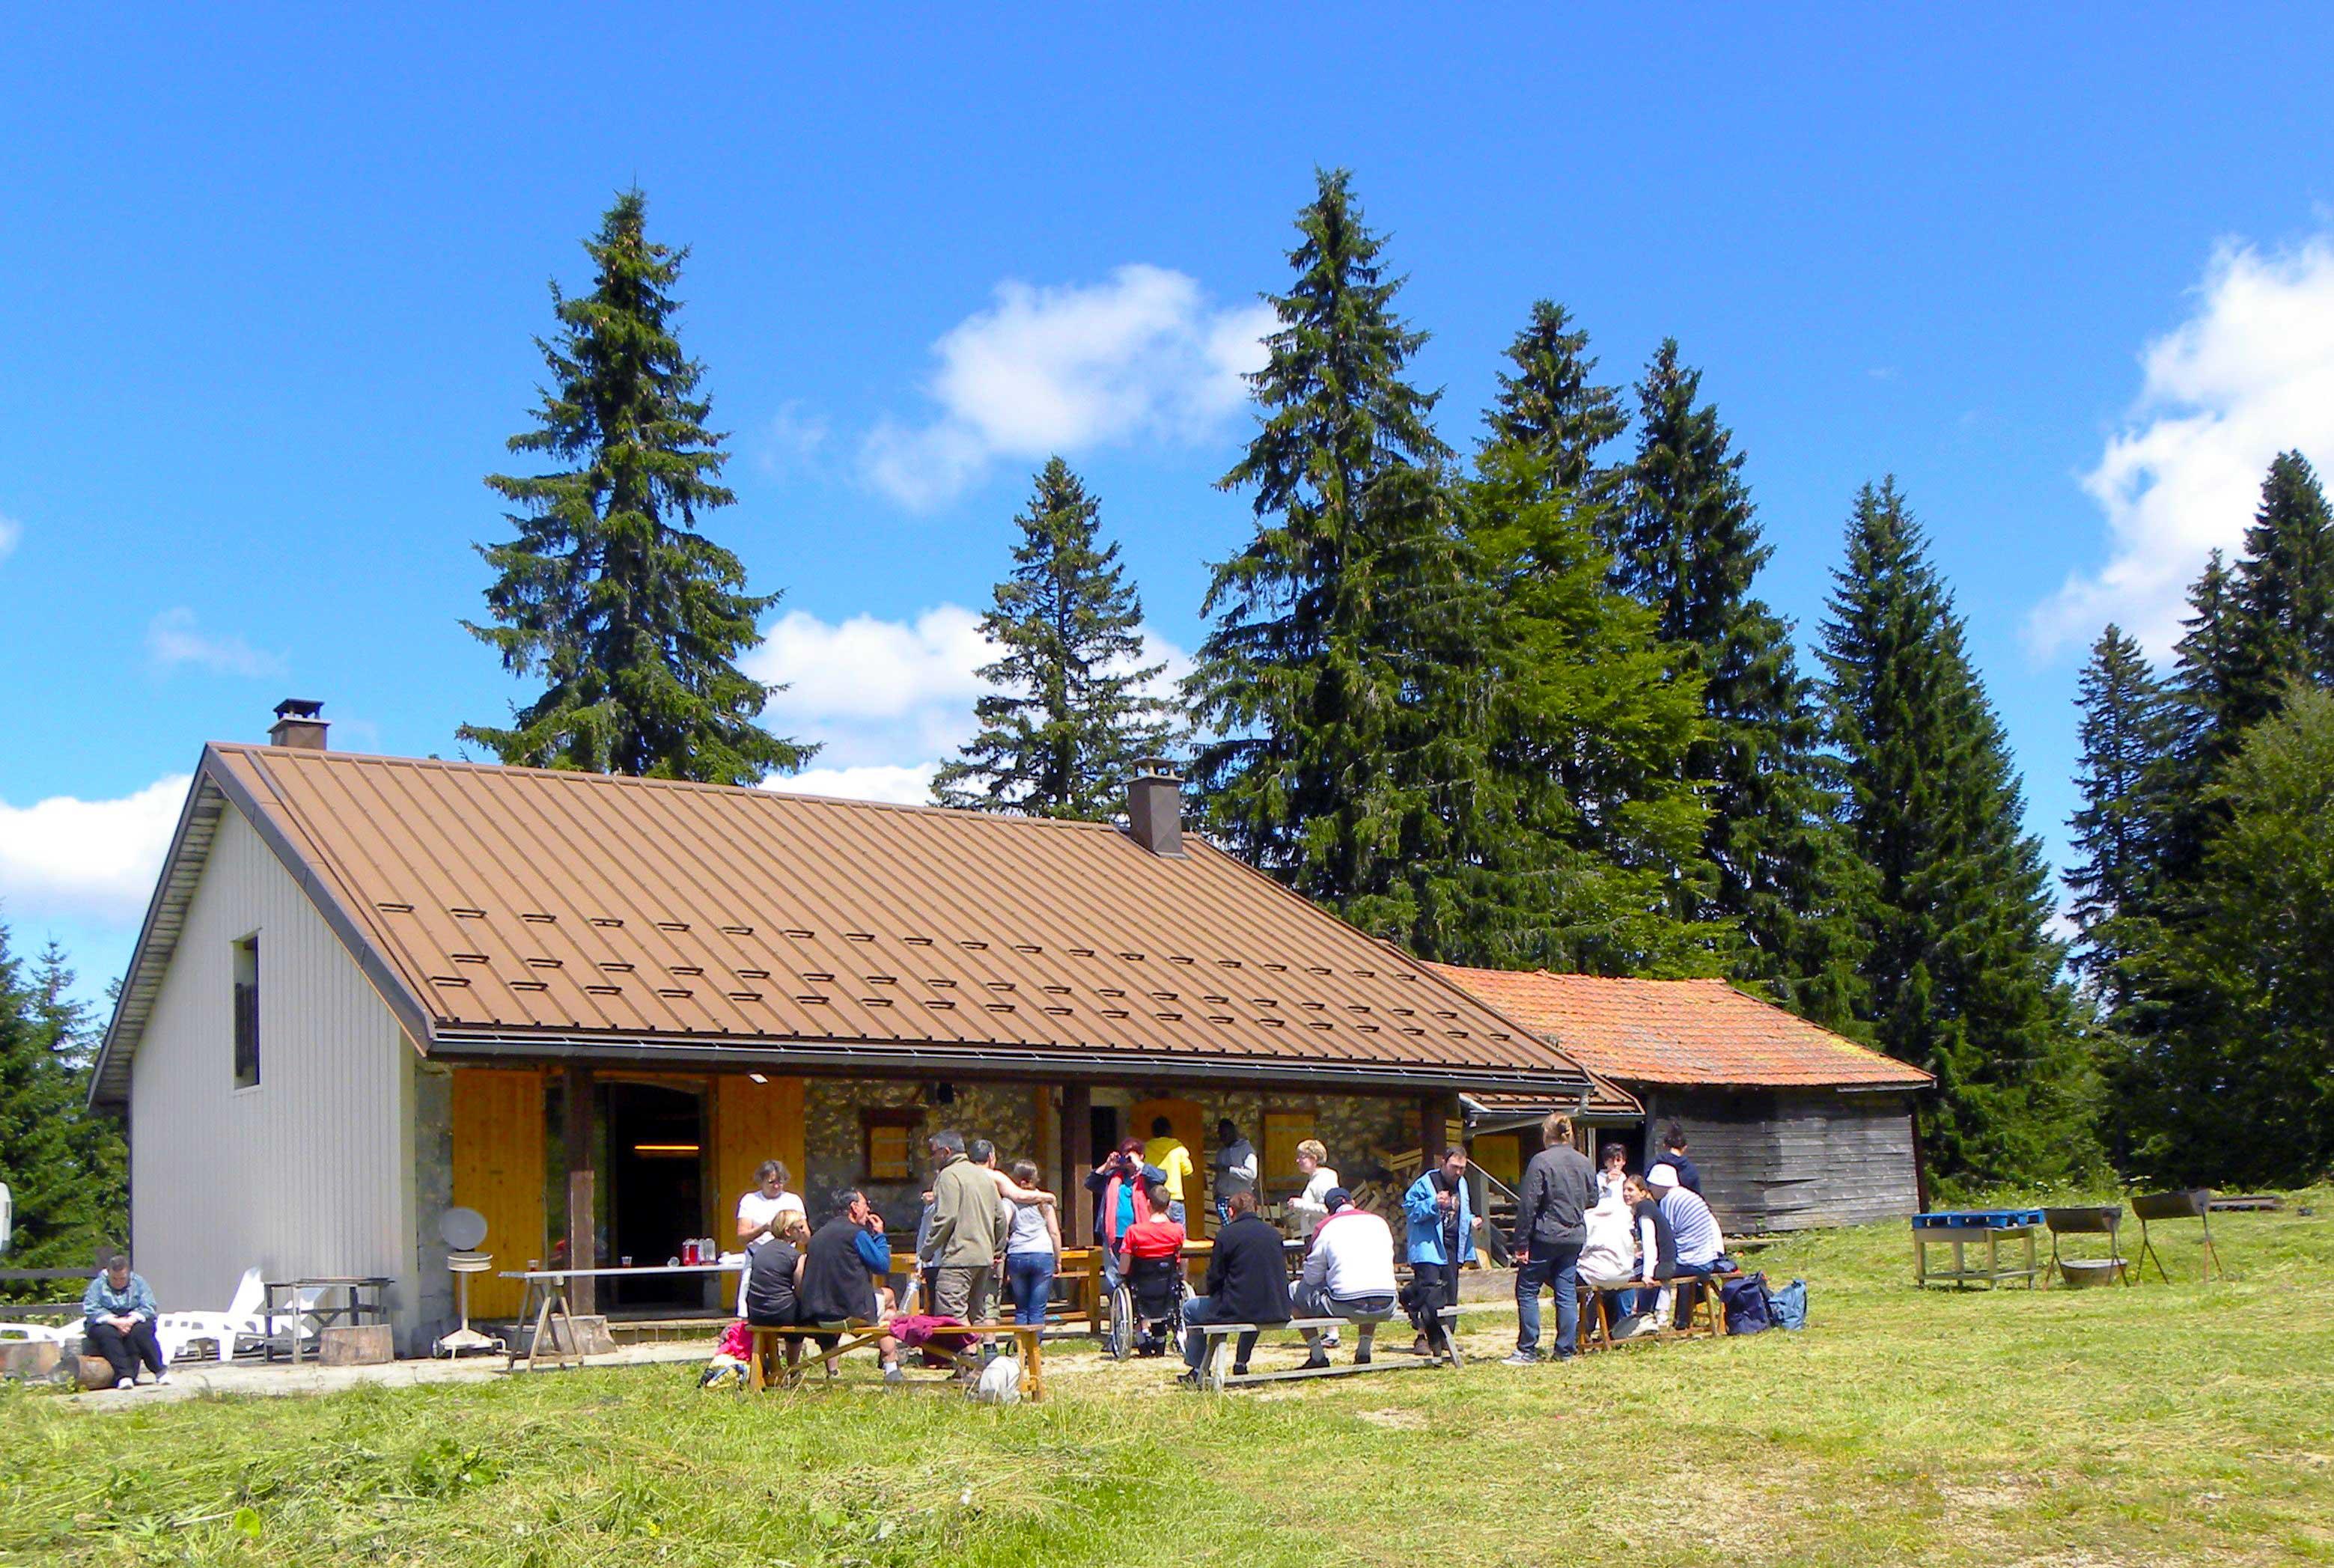 Le Gîte des Auvernes - Village Vacances Neige et Plein Air